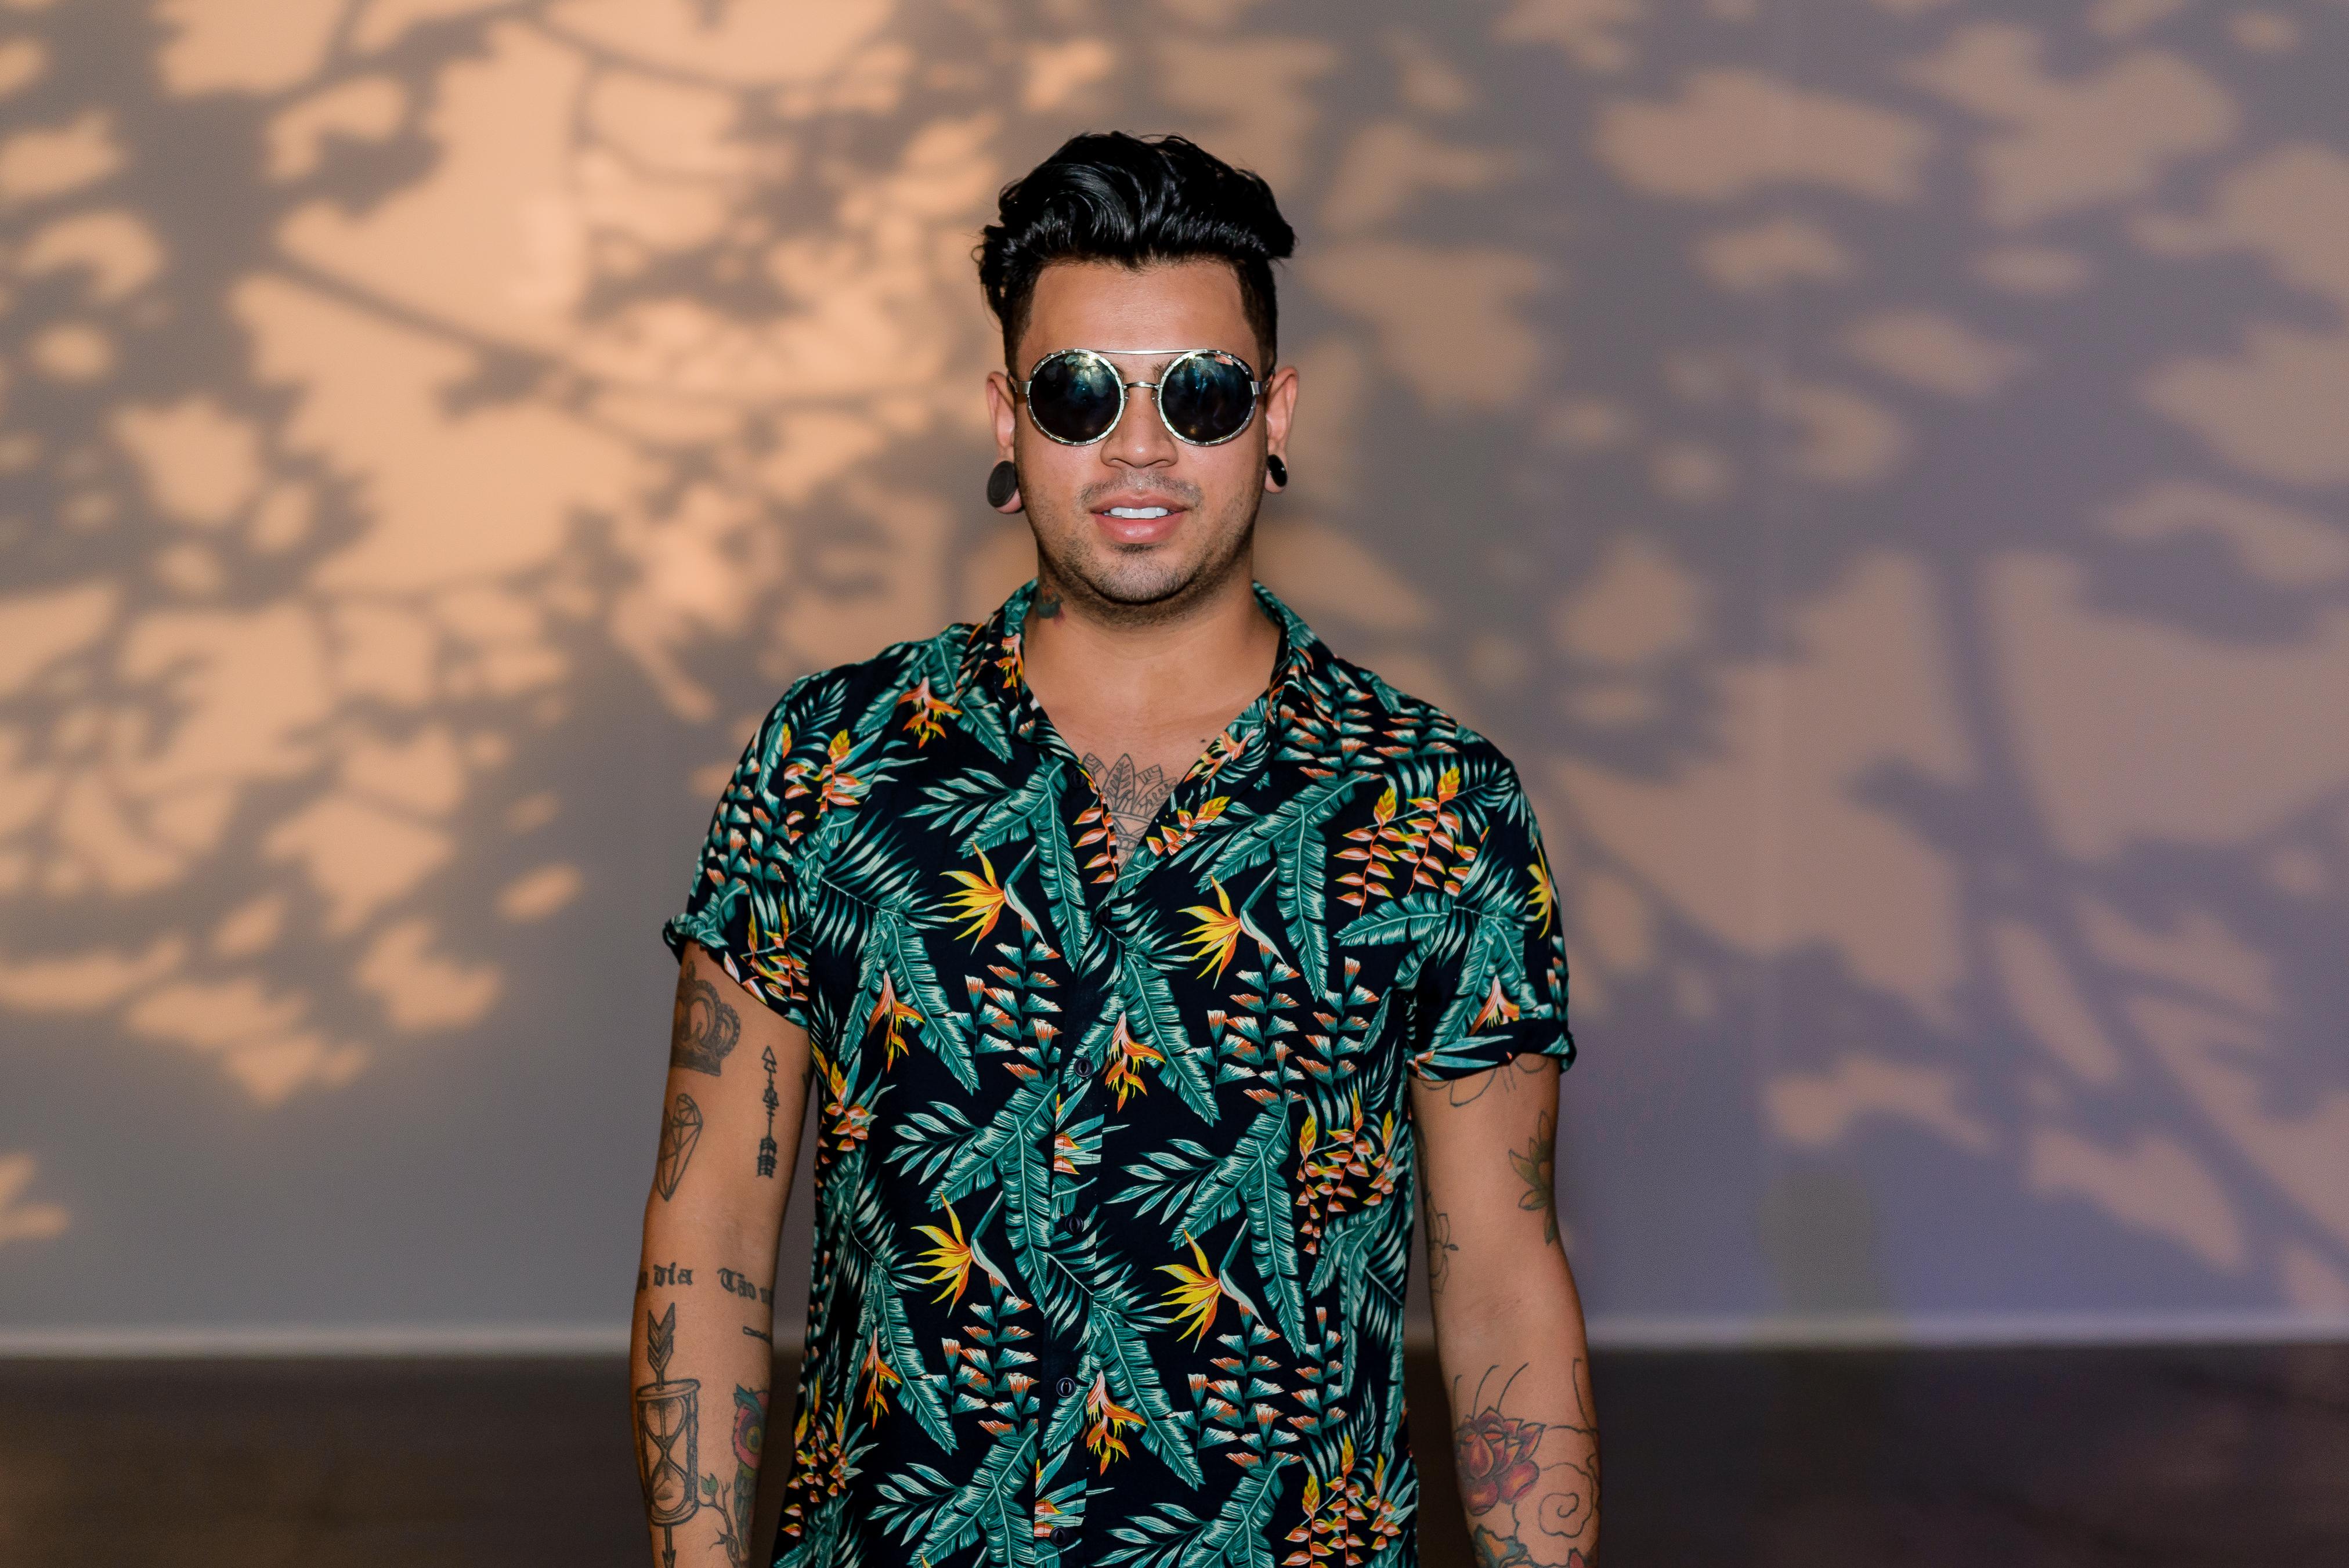 spfwn43-street-style-moda-masculina-estilo-masculino-style-fashion-moda-2017-moda-sem-censura-beleza-blog-de-moda-men-man-boy-estilo (8)